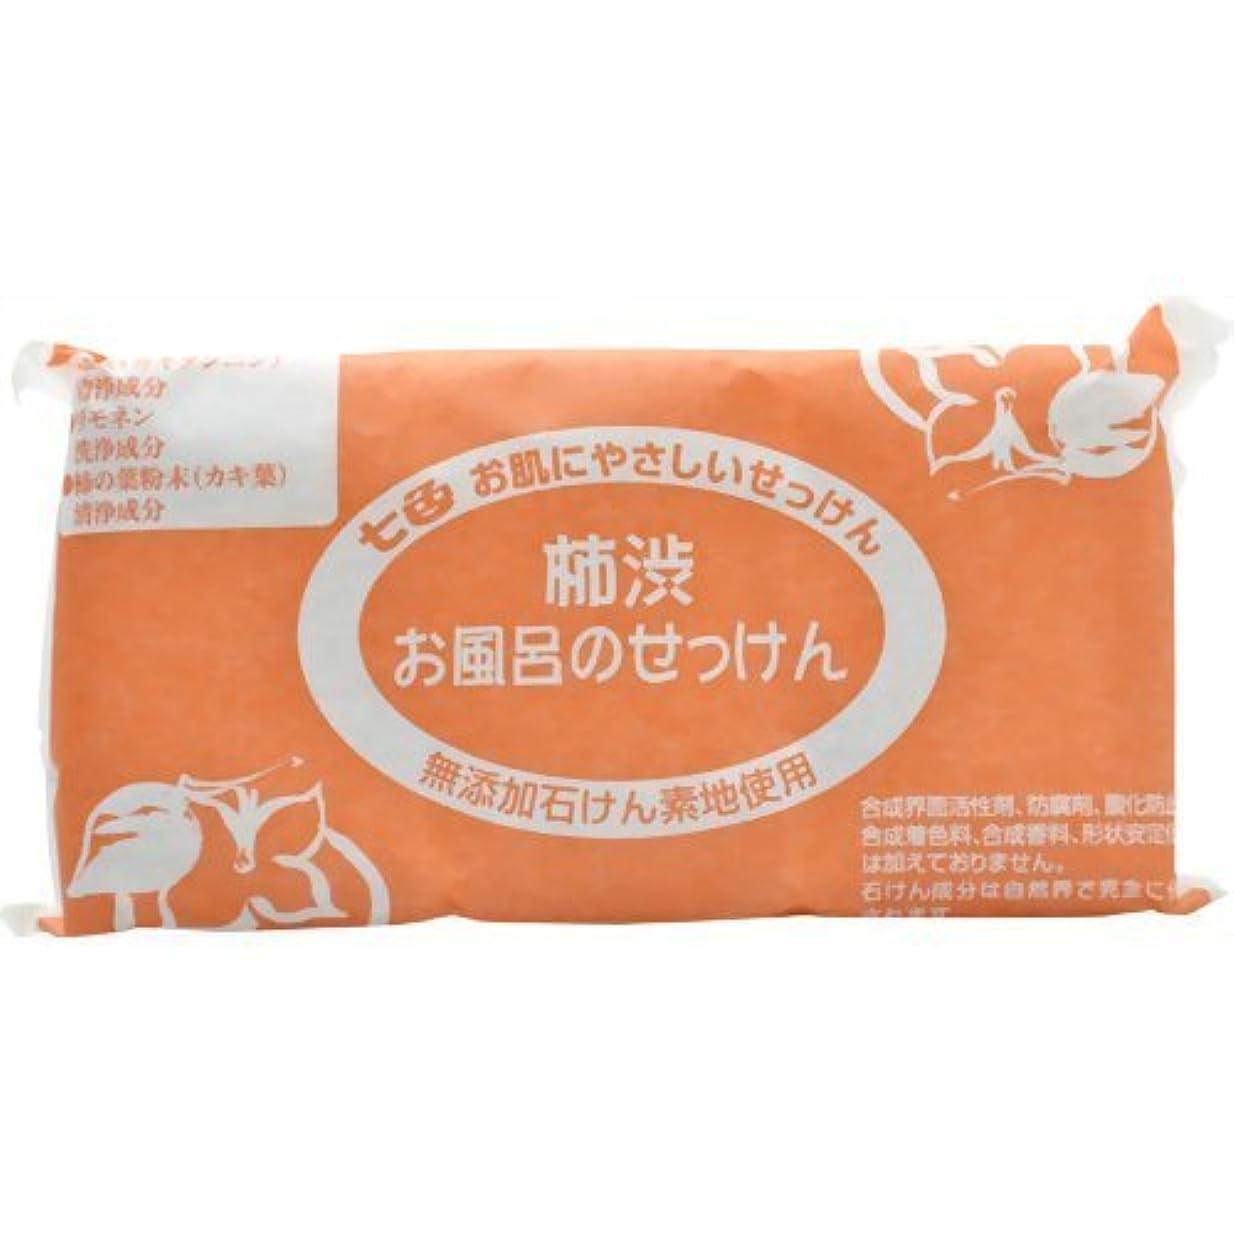 帰するクルーバイバイ七色 お風呂のせっけん 柿渋(無添加石鹸) 100g×3個入